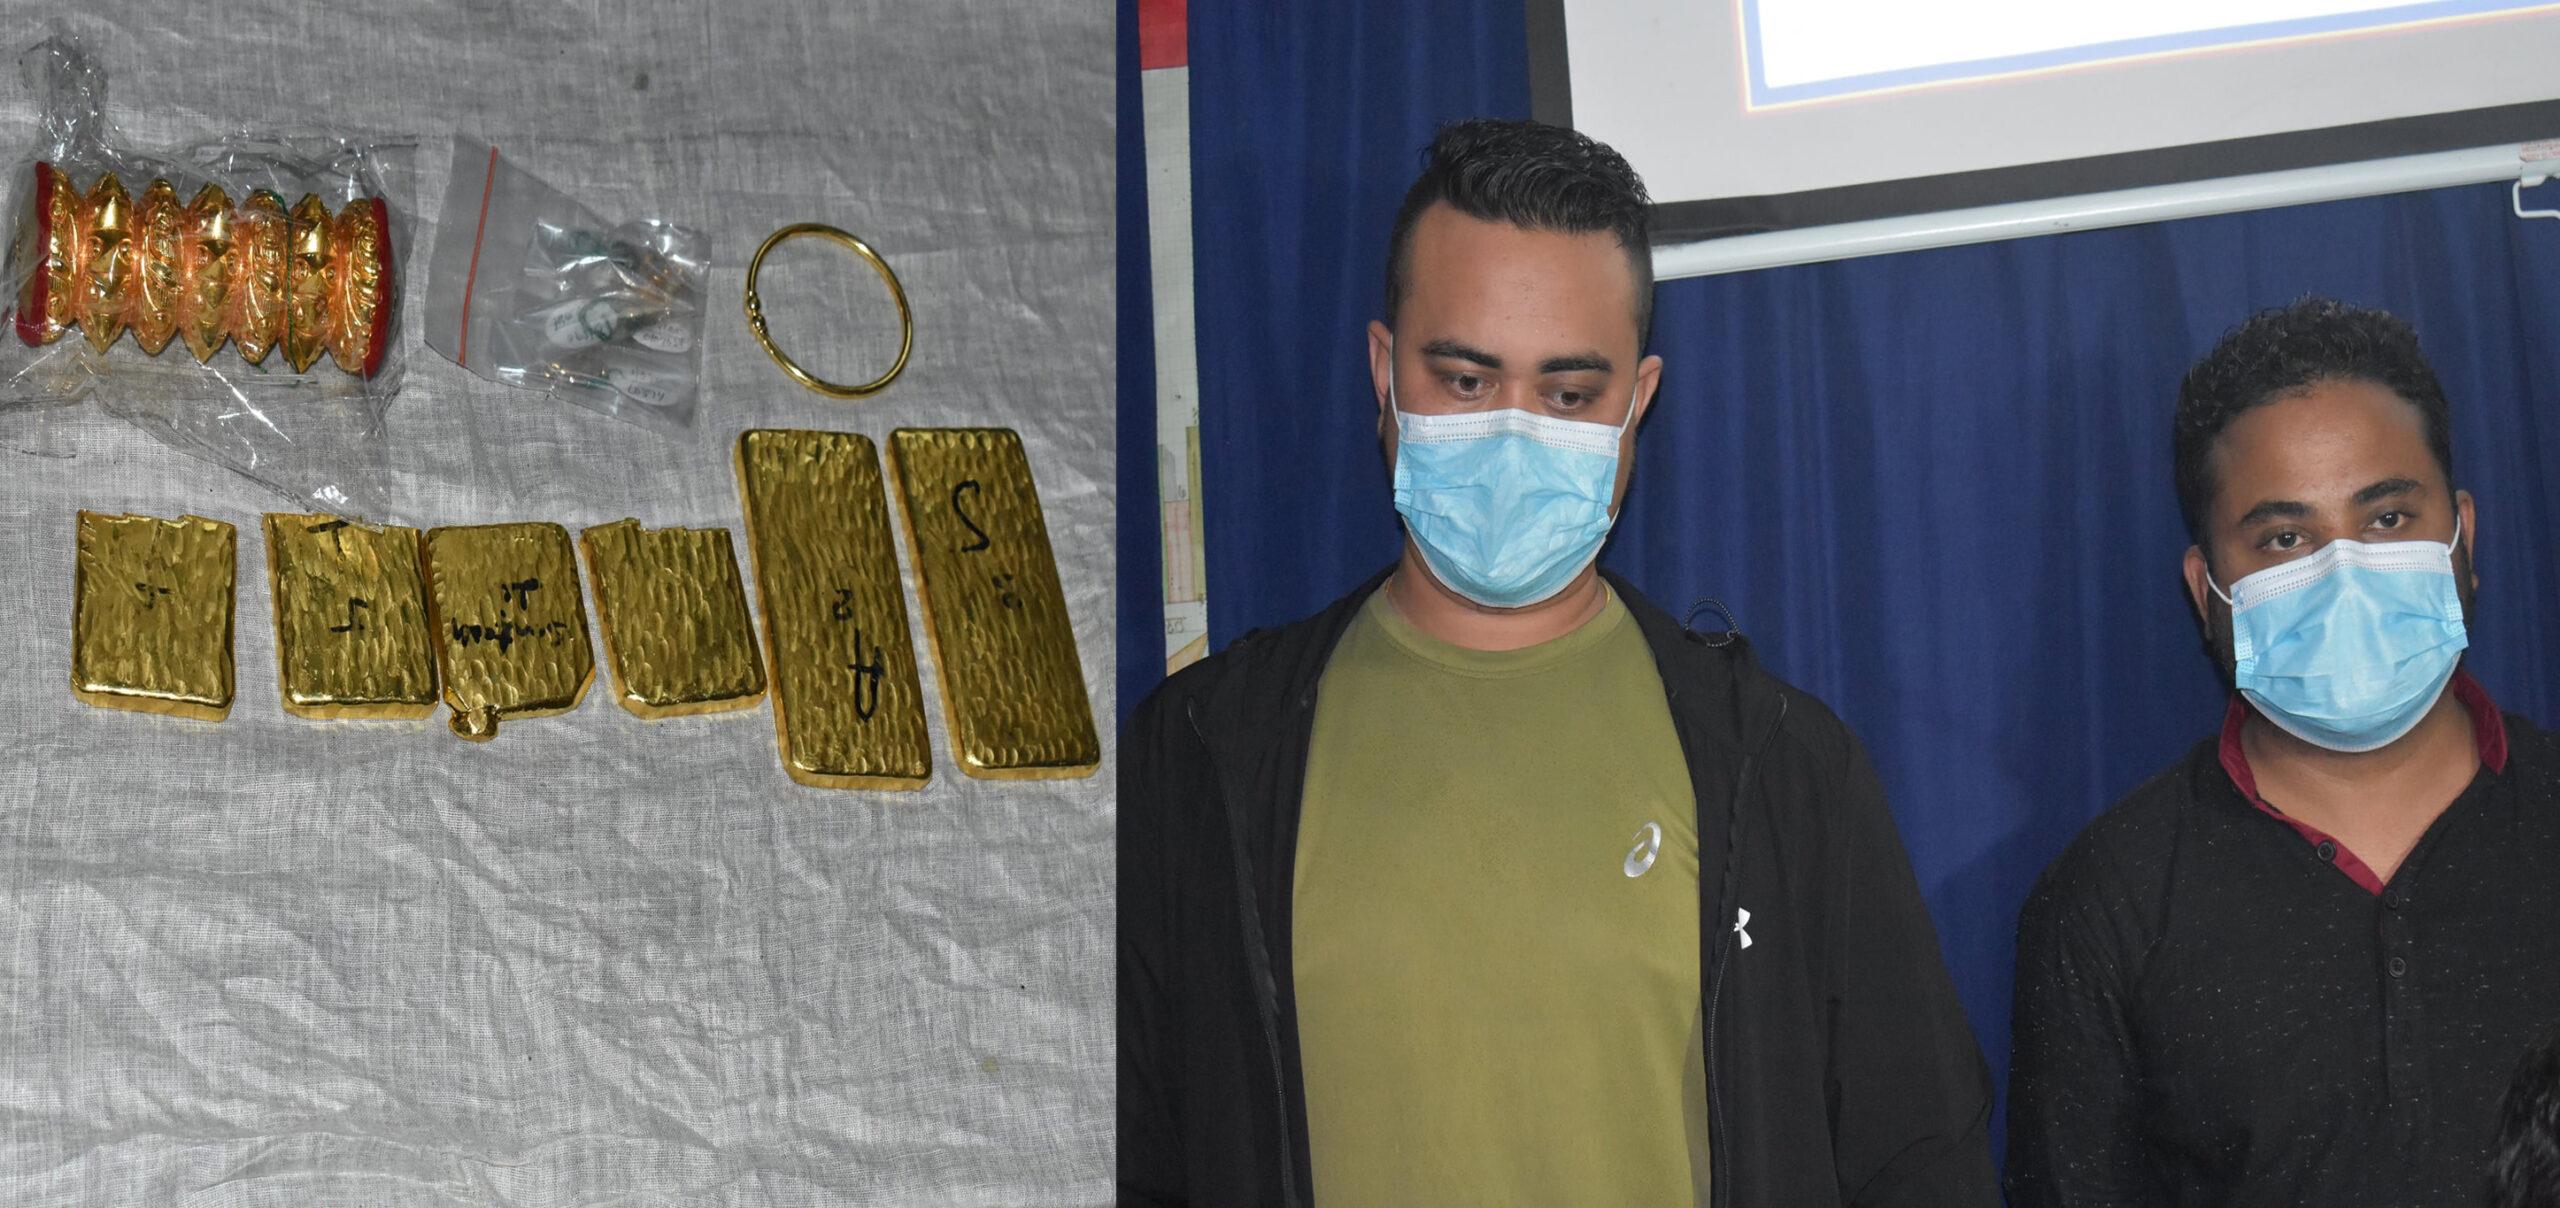 चार किलो सुन काण्डले नेपालगन्जका सुन व्यवसायीको 'निदहराम'